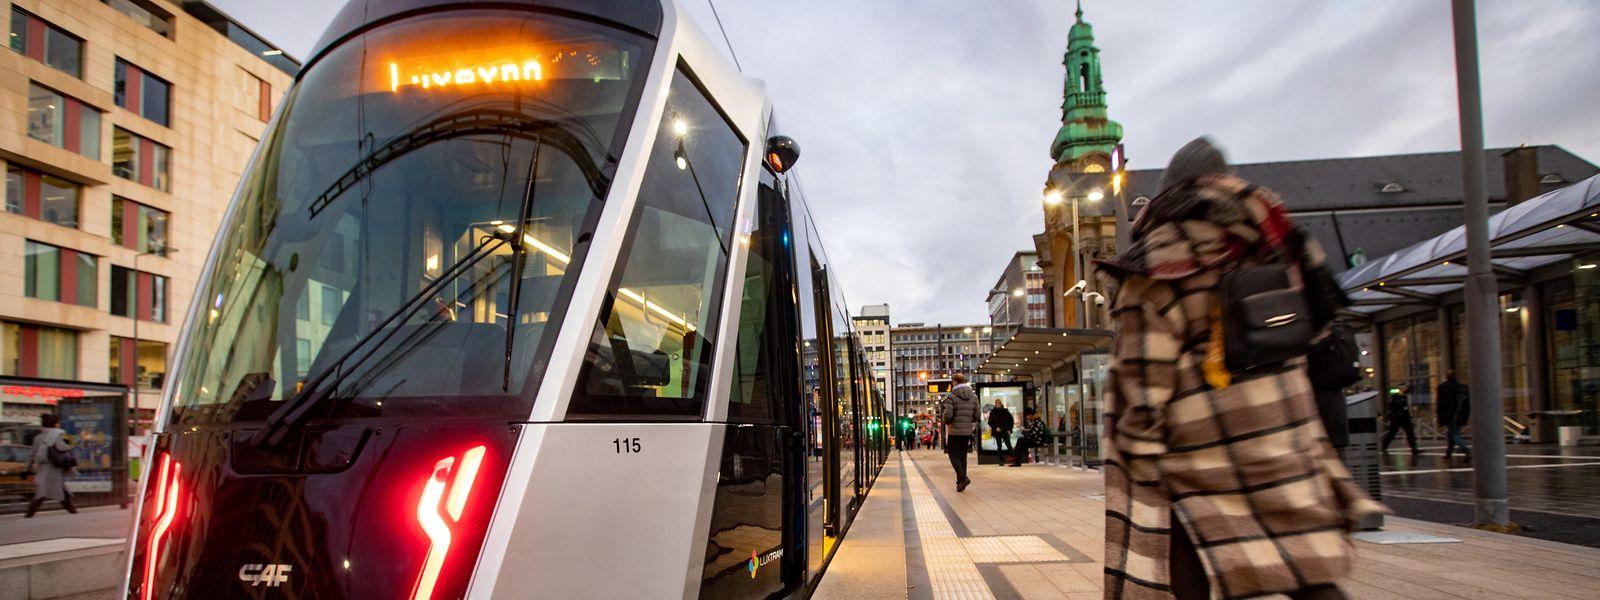 Endstation Hauptbahnhof - aber wieder nur vorübergehend. Ab der ersten Hälfte 2022 geht es von der Place de la Gare aus geradeaus weiter über den Pont Buchler bis nach Bonneweg.